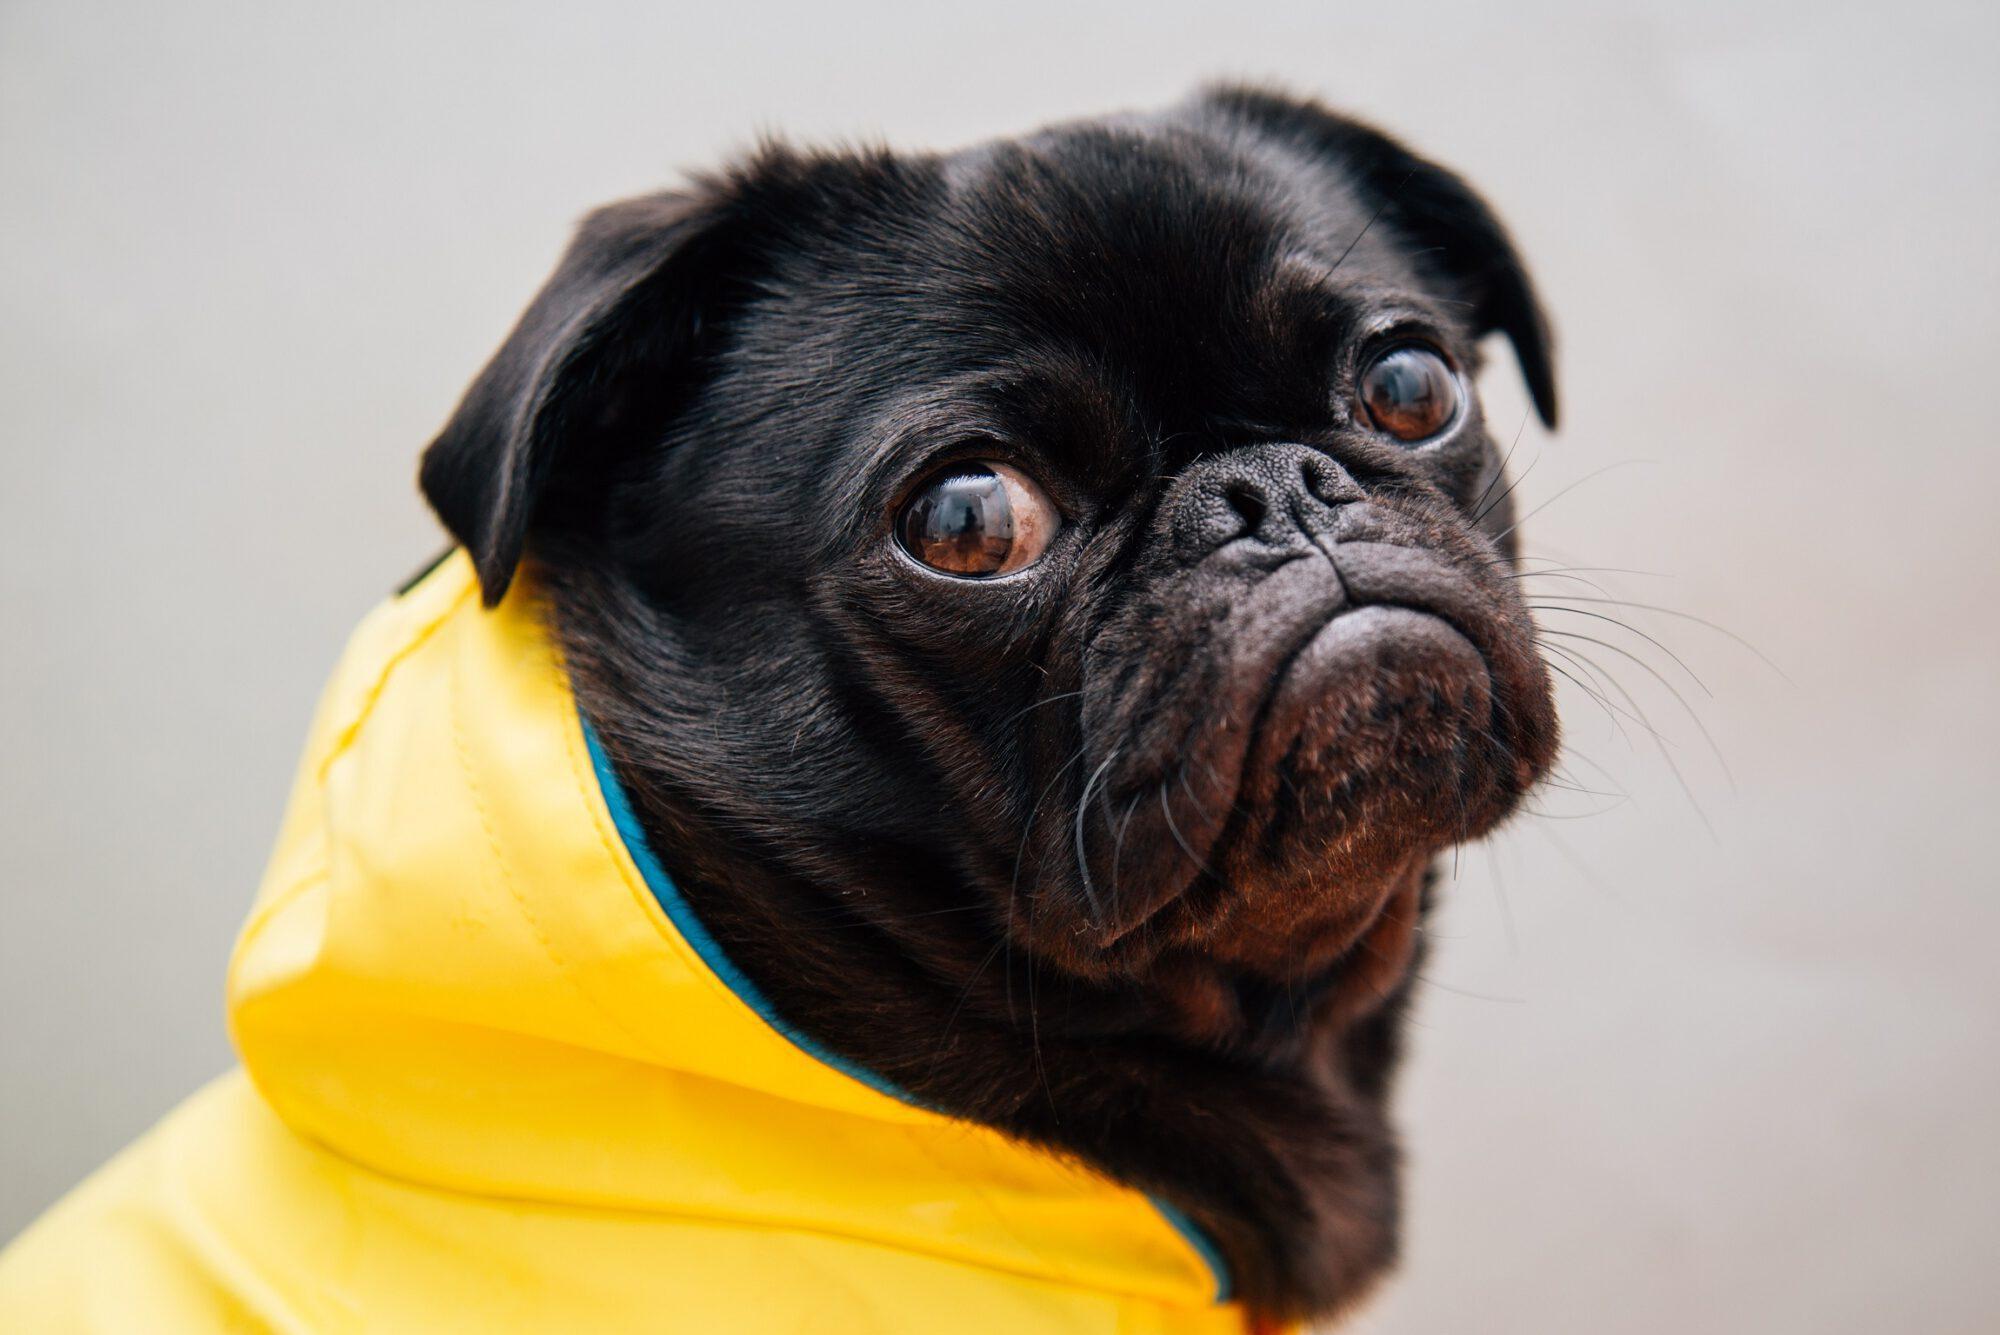 Ein schwarzer Hund schaut traurig in die Kamera. Der Hund trägt einen gelben Regenmantel.